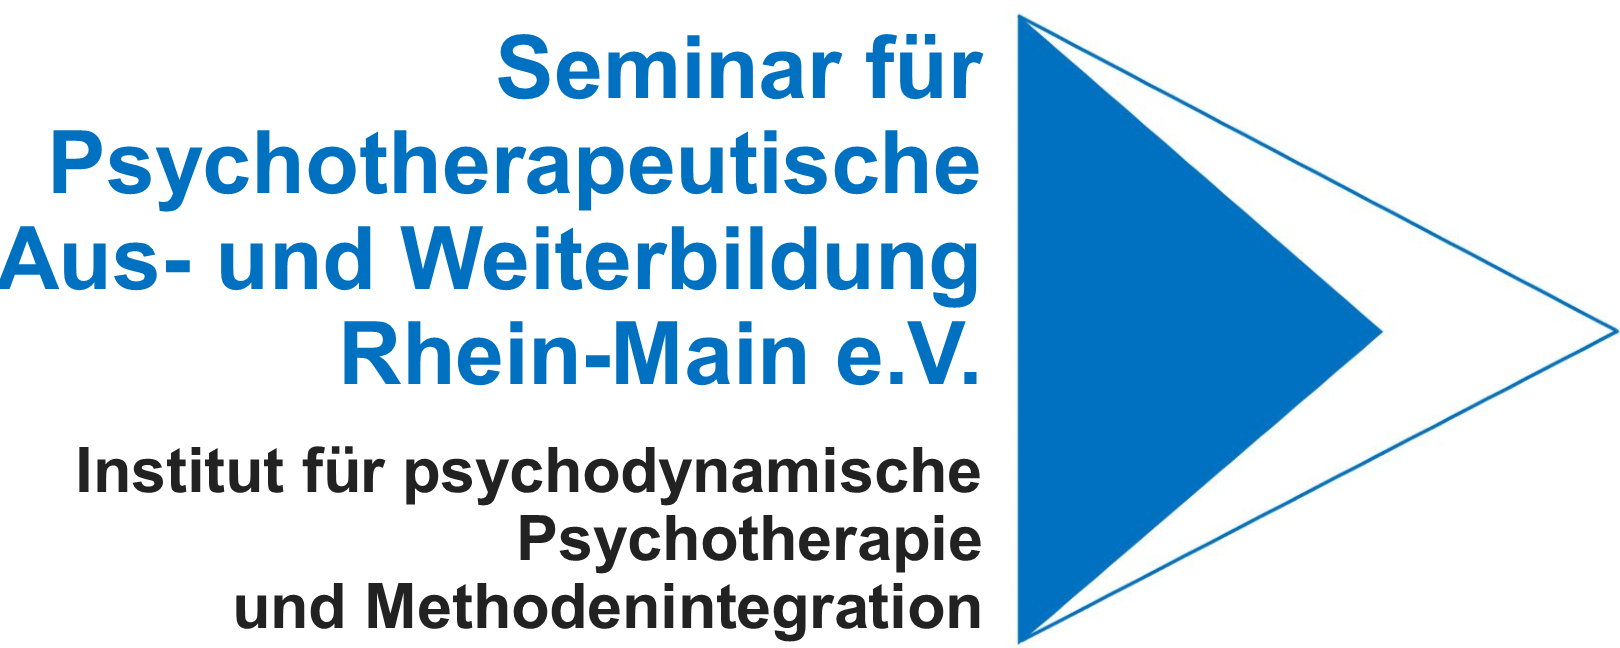 Seminar für Psychotherapeutische Aus- und Weiterbildung Rhein-Main e.V.